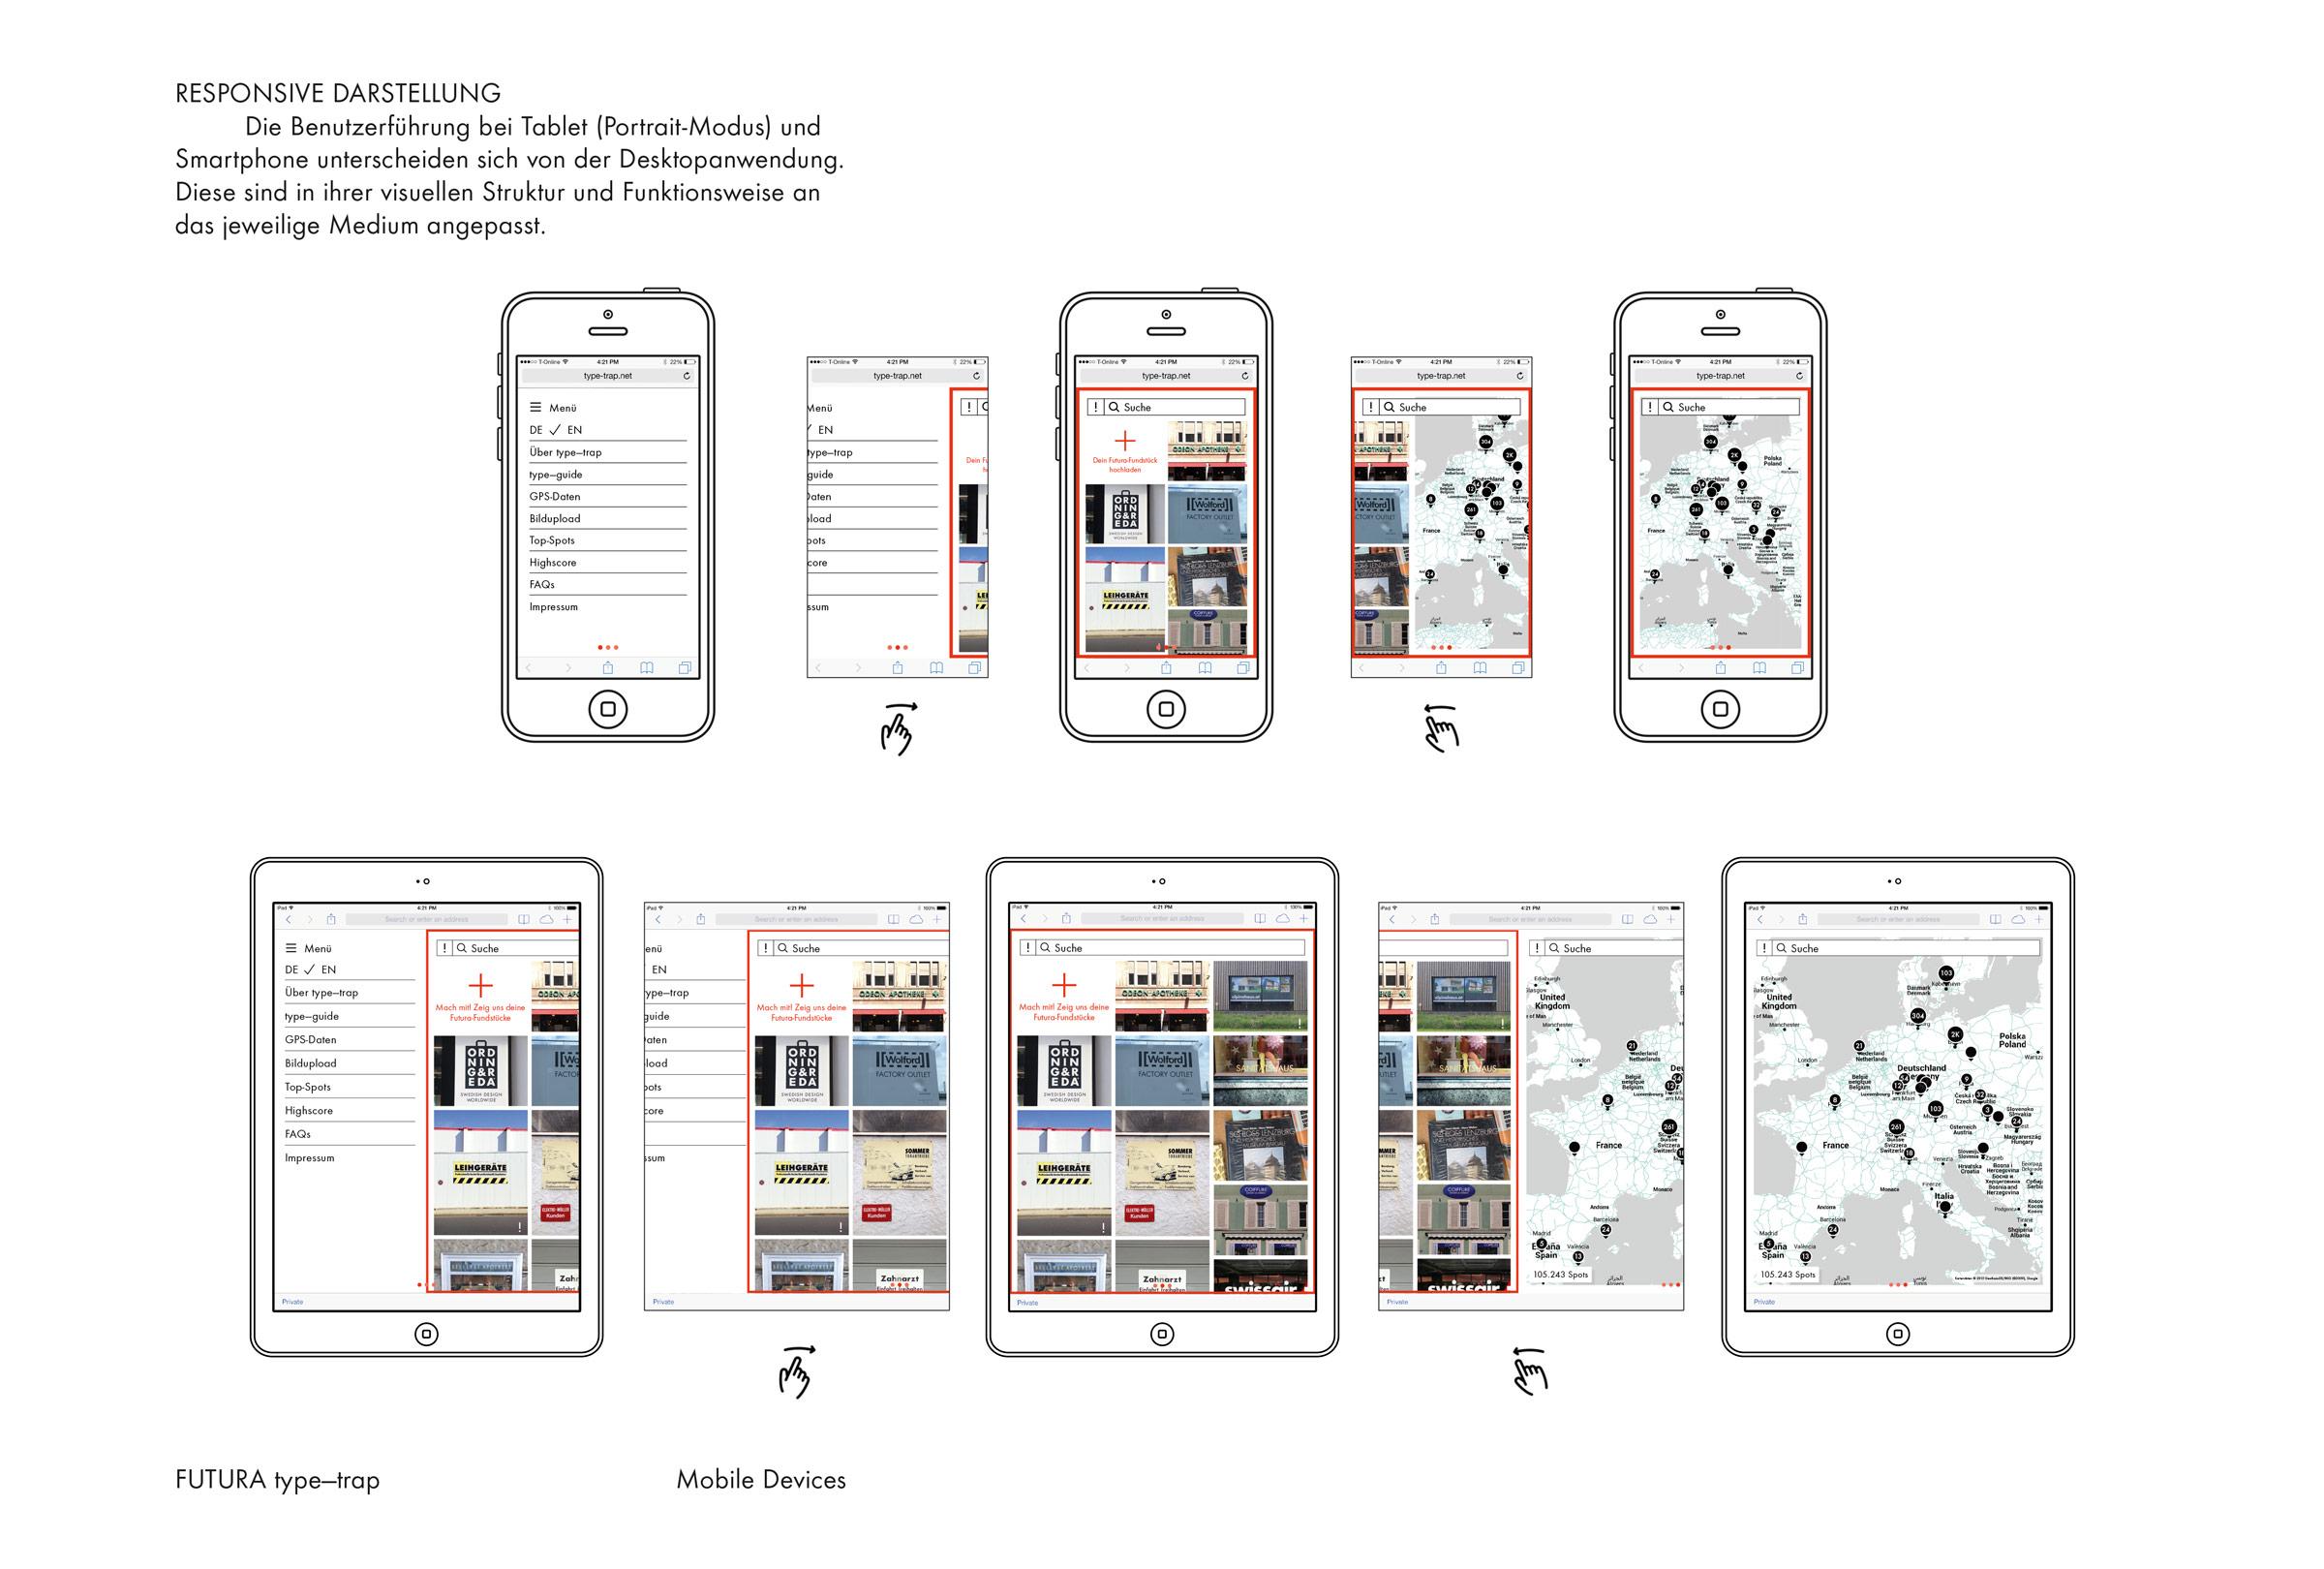 FUTURA type-trap – Responsive Darstellung © Christian Weber – Büro für Gestaltung und Kommunikation